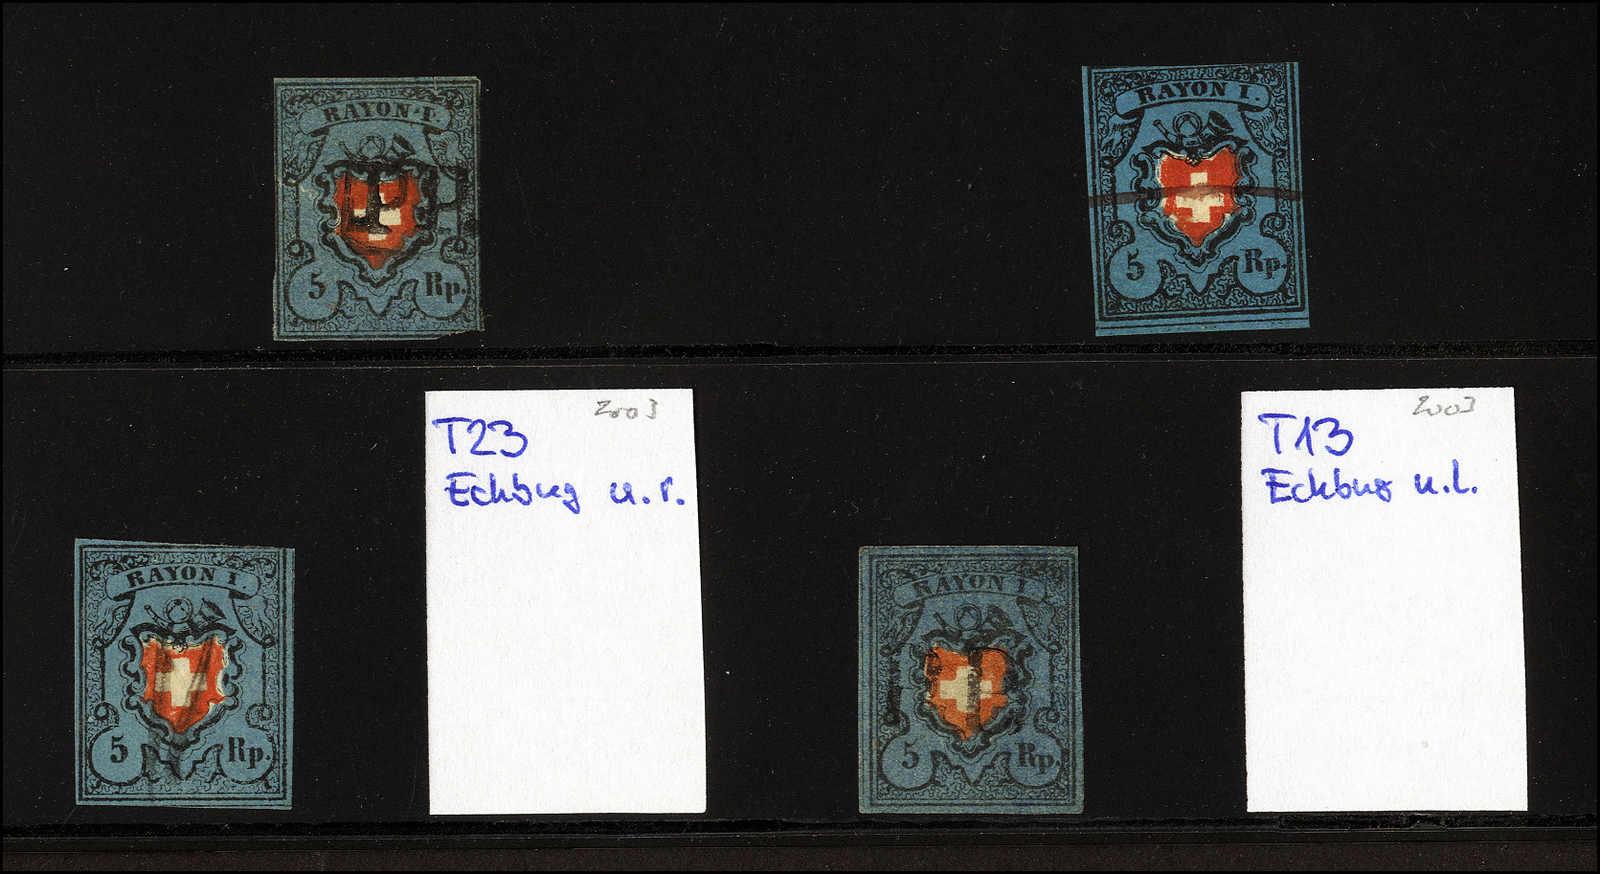 Lot 12 - sammlungen und posten sammlungen und posten altschweiz -  Rolli Auctions Auction #68 Day 1